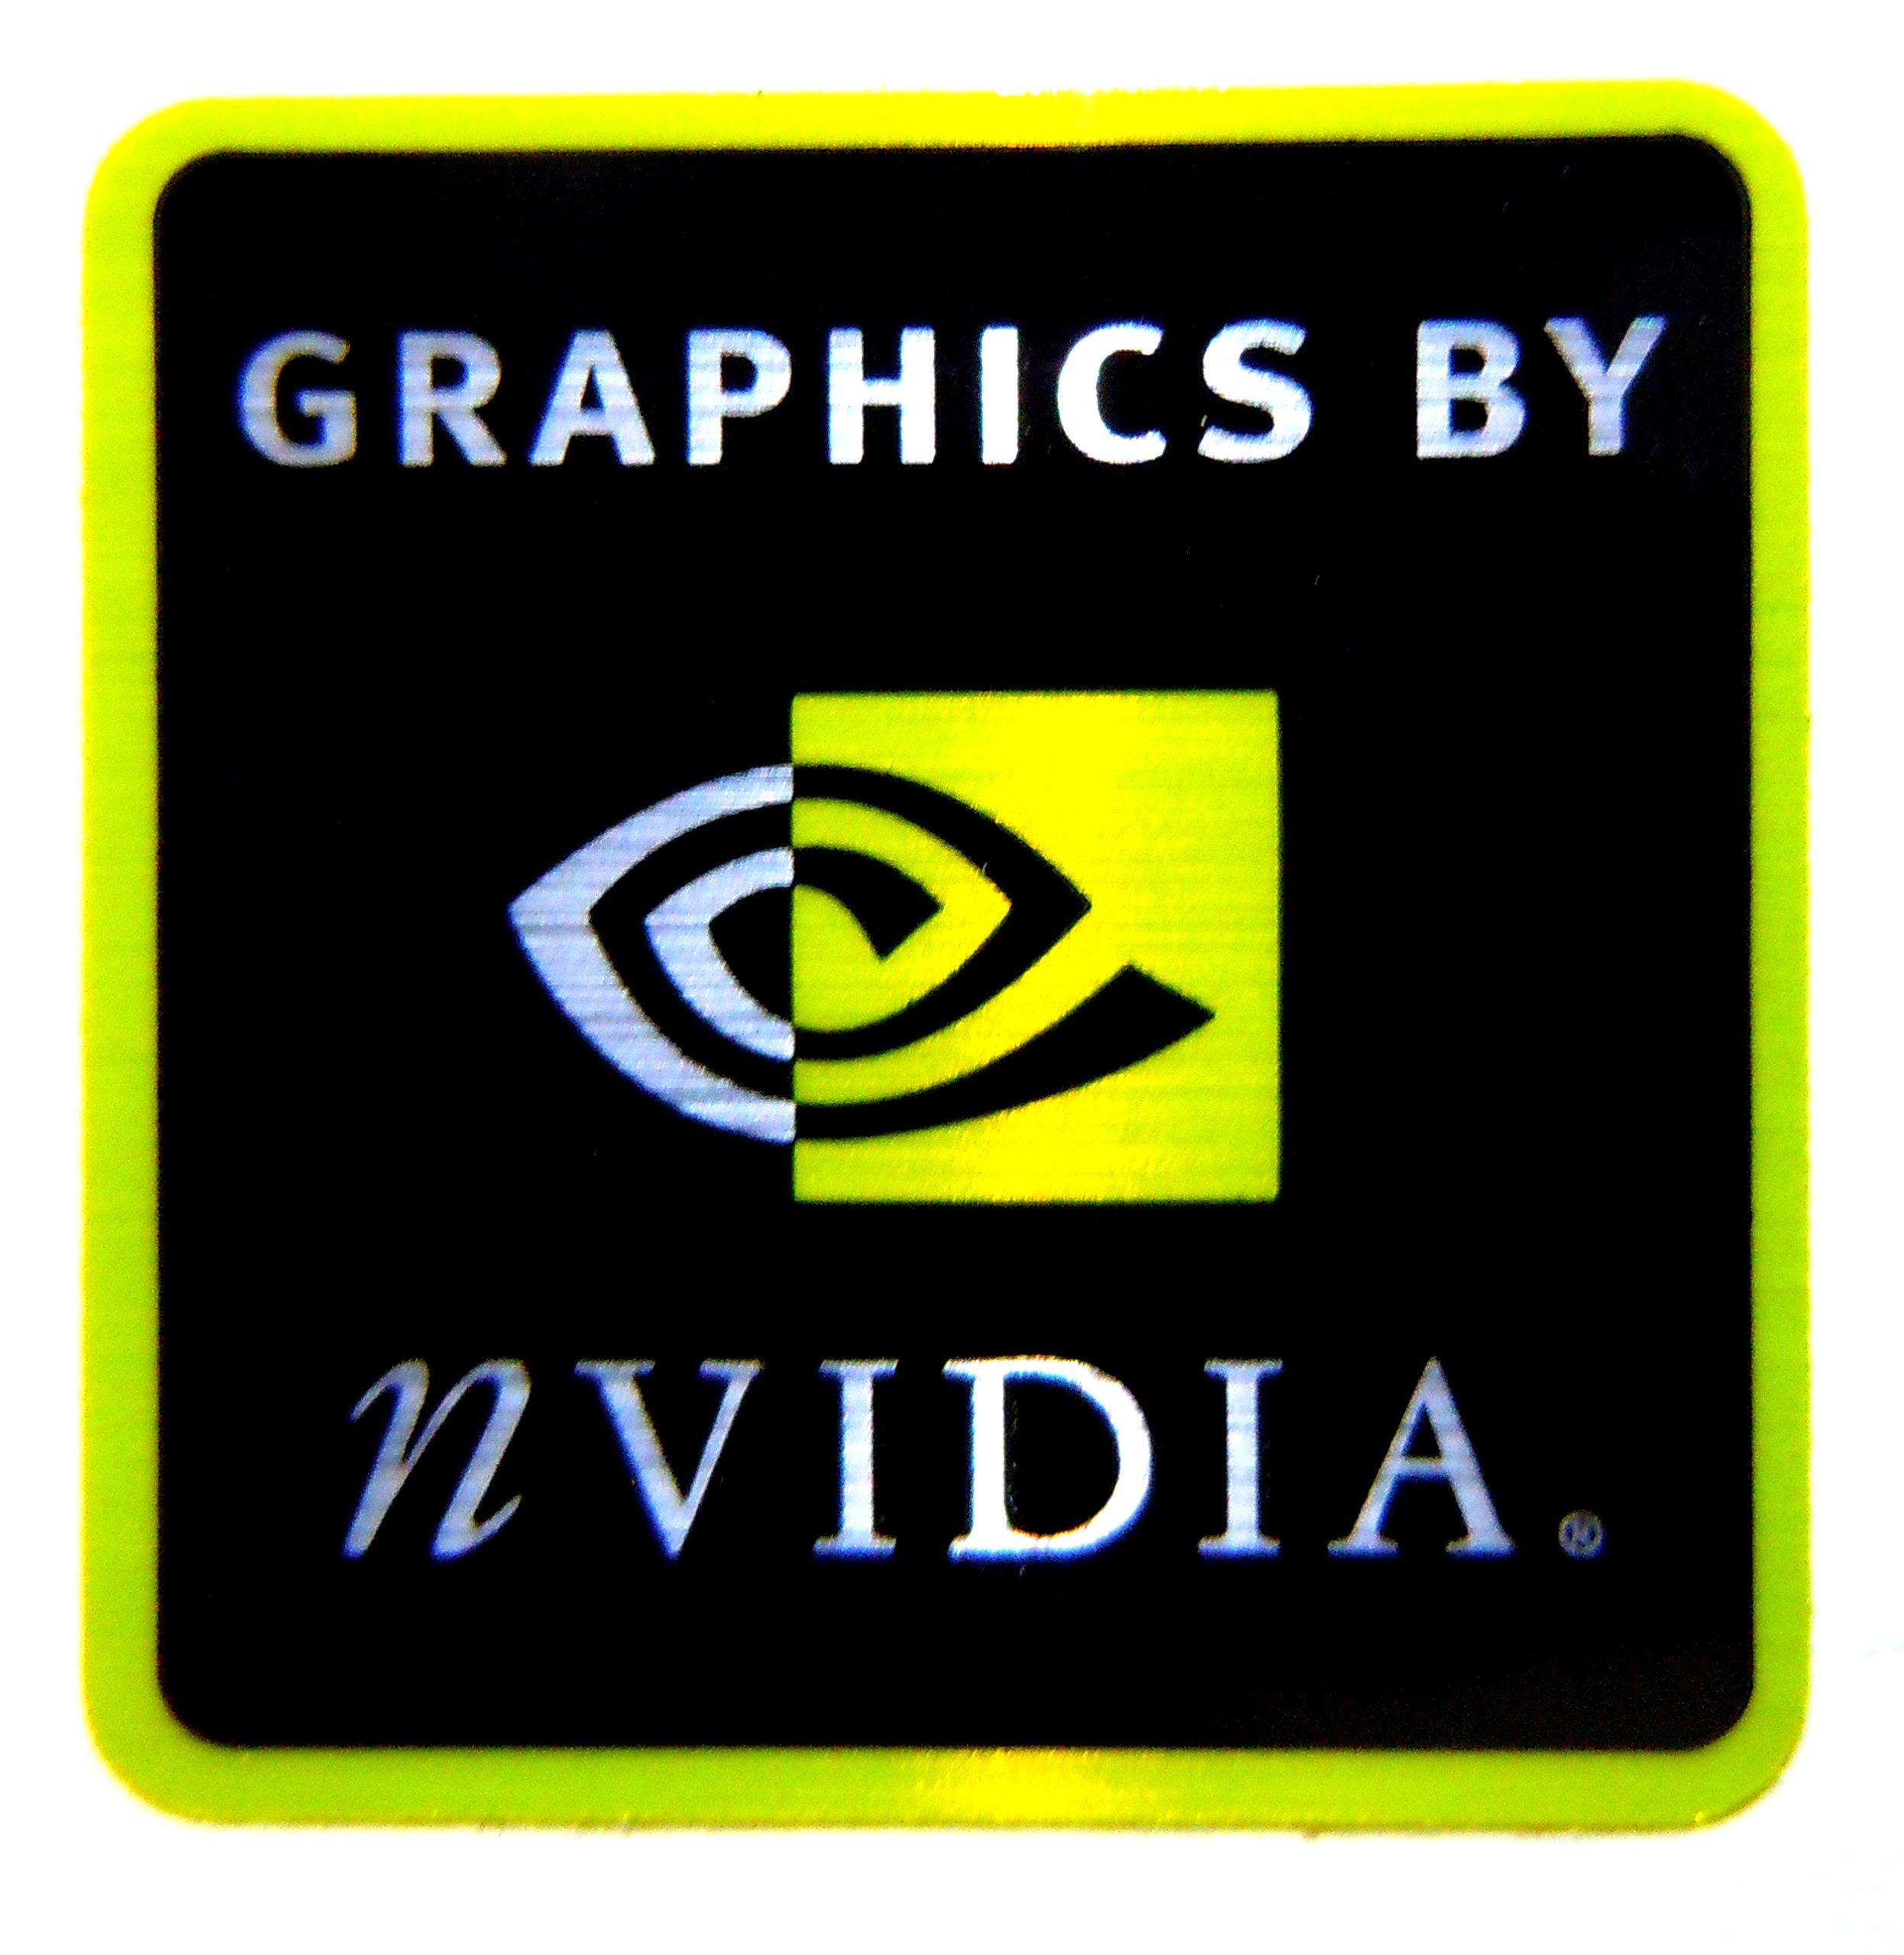 Original Graphics by NVIDIA Sticker 25 x 25mm [332]